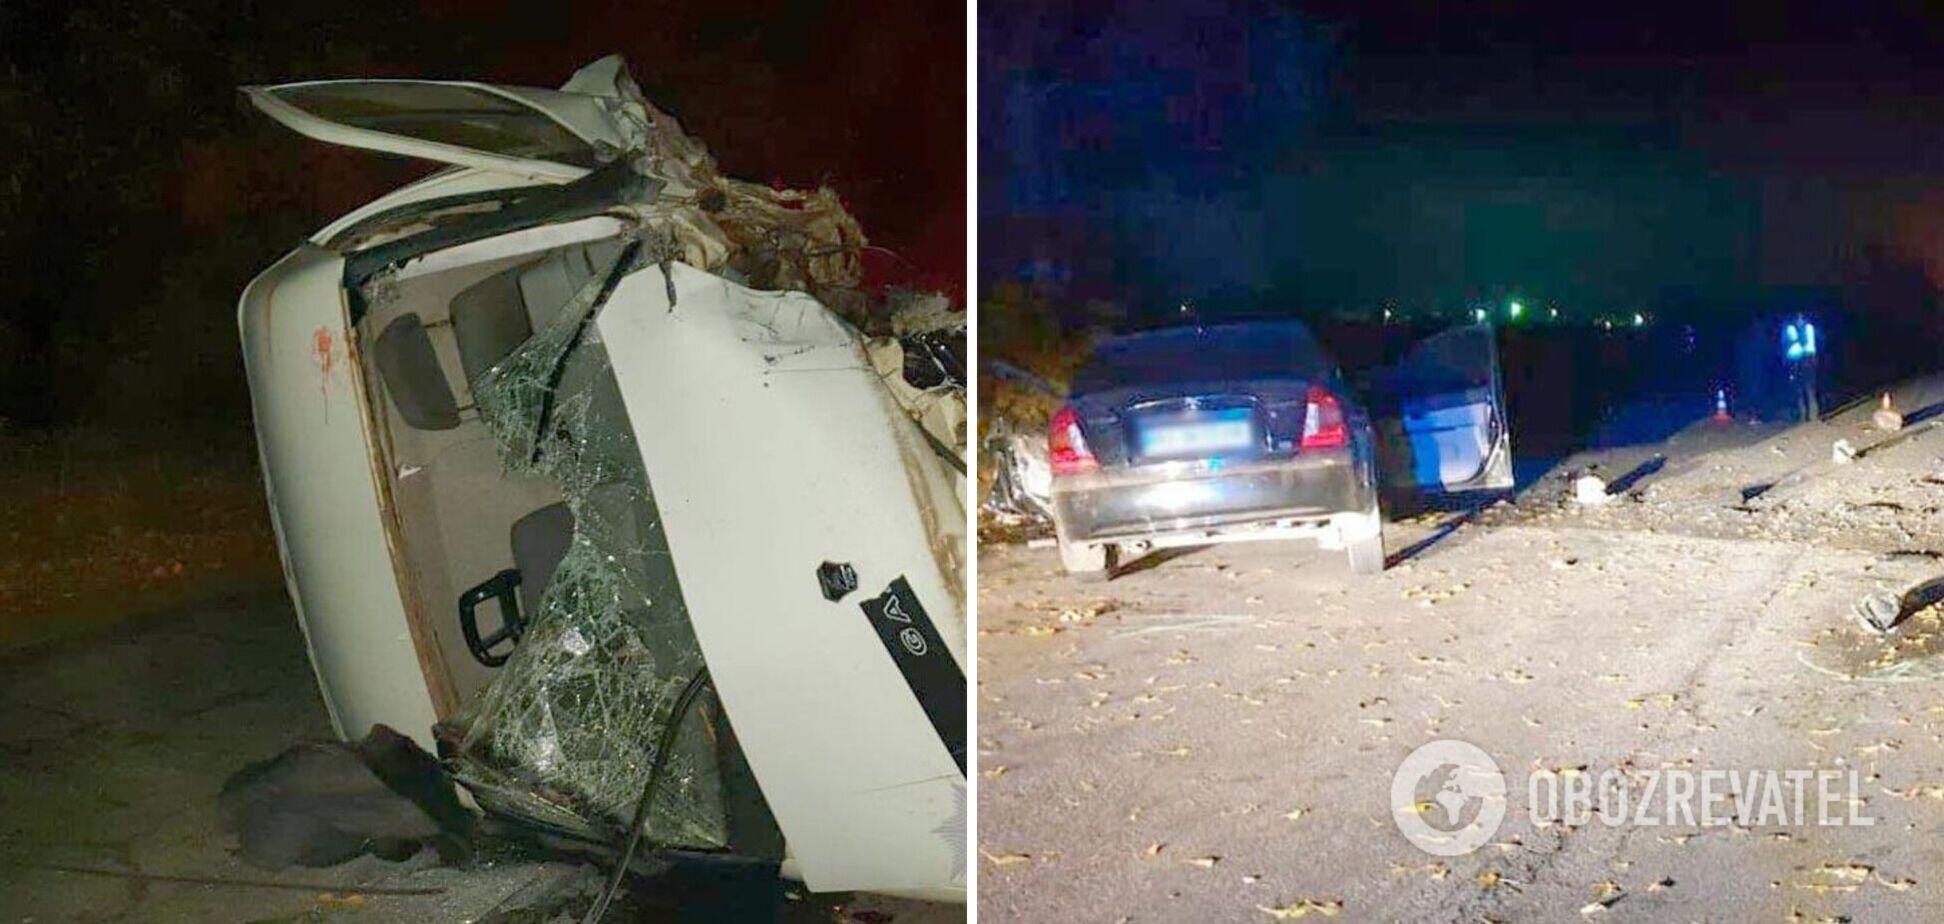 На Полтавщині авто вилетіло на зустрічну та влаштувало ДТП, є загиблий. Фото і відео